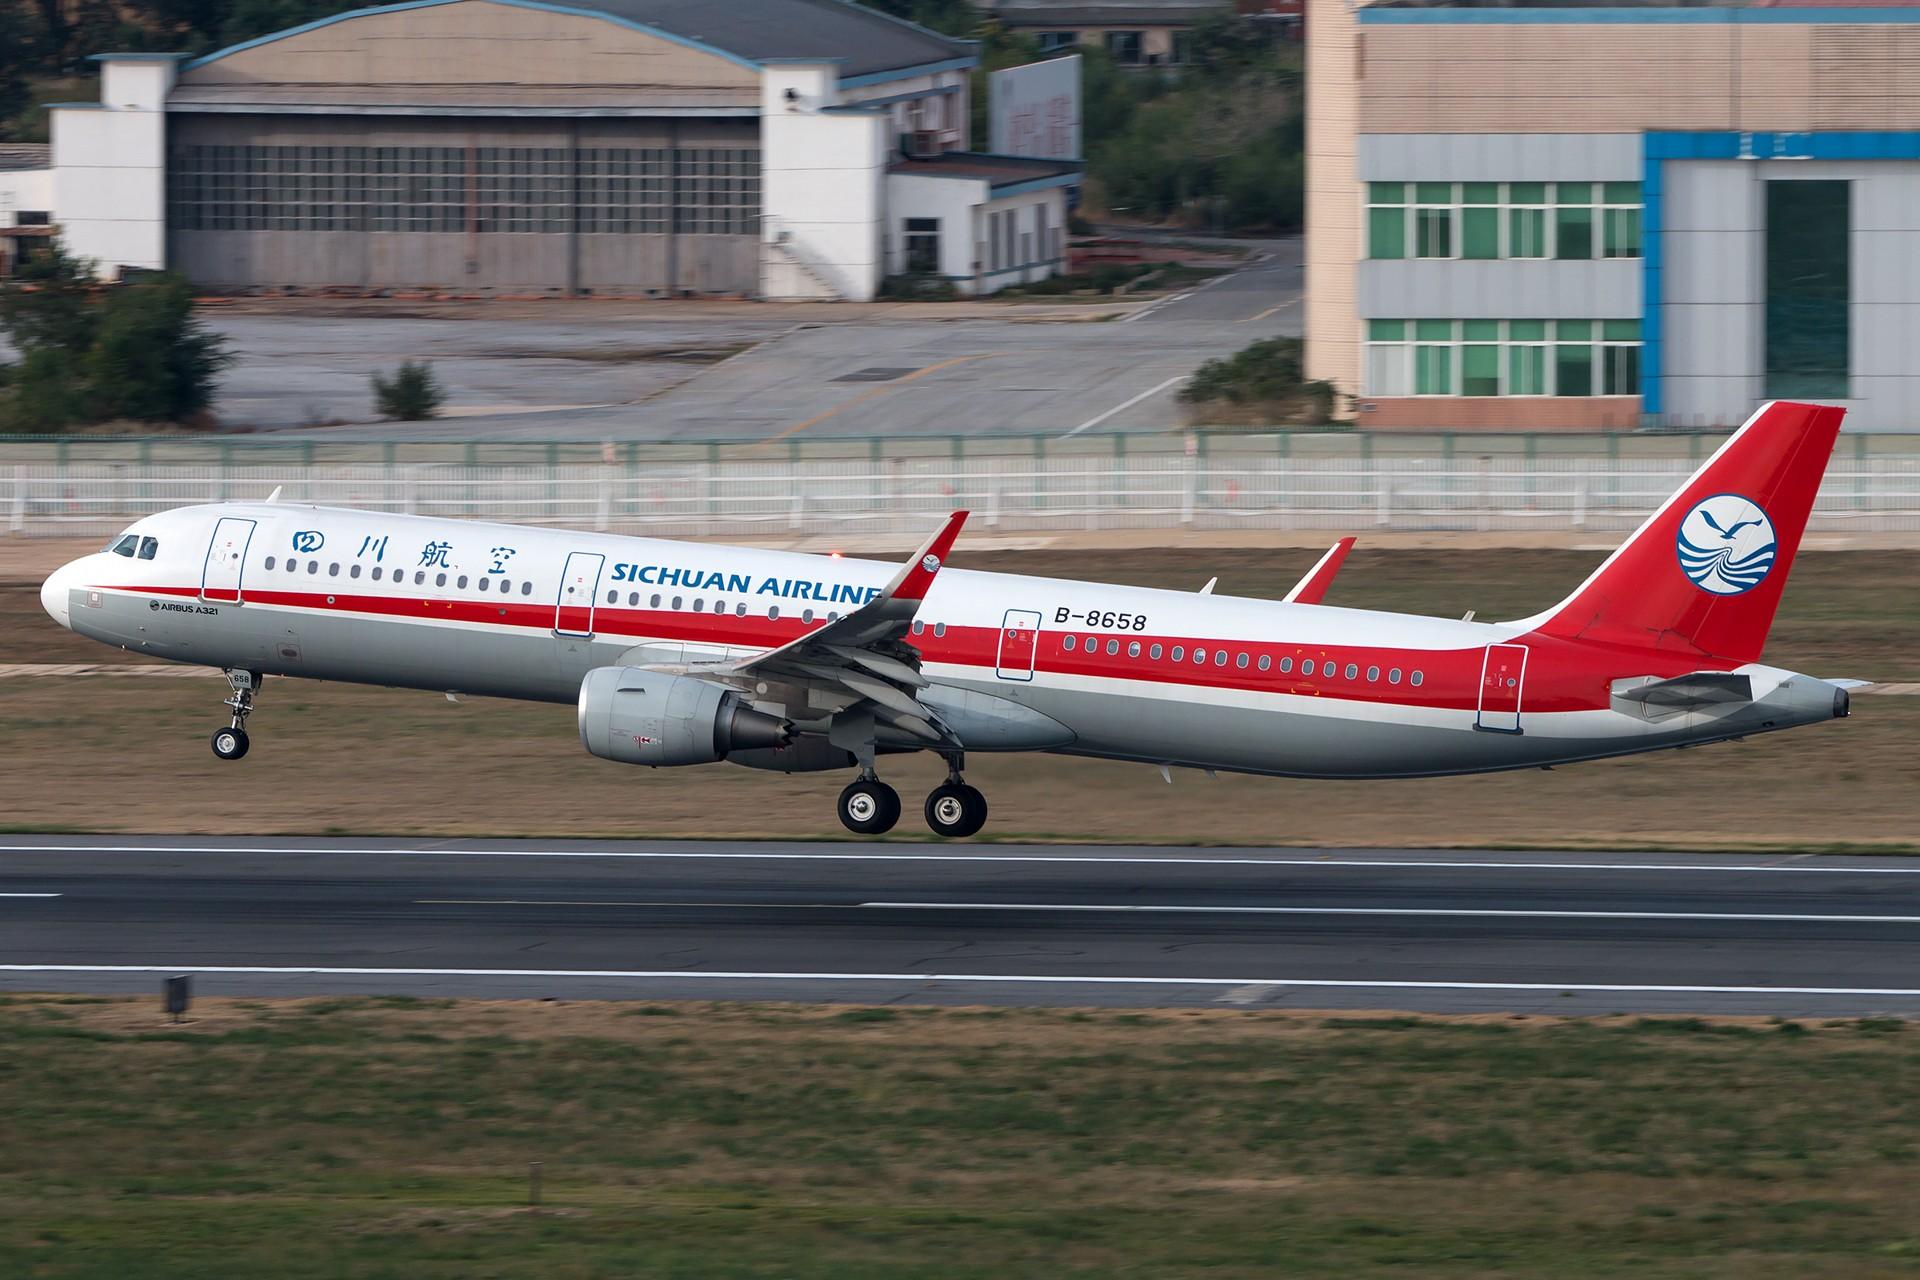 Re:[原创]川农特技飞行表演队 1920*1280 AIRBUS A321-200 B-8658 中国大连国际机场